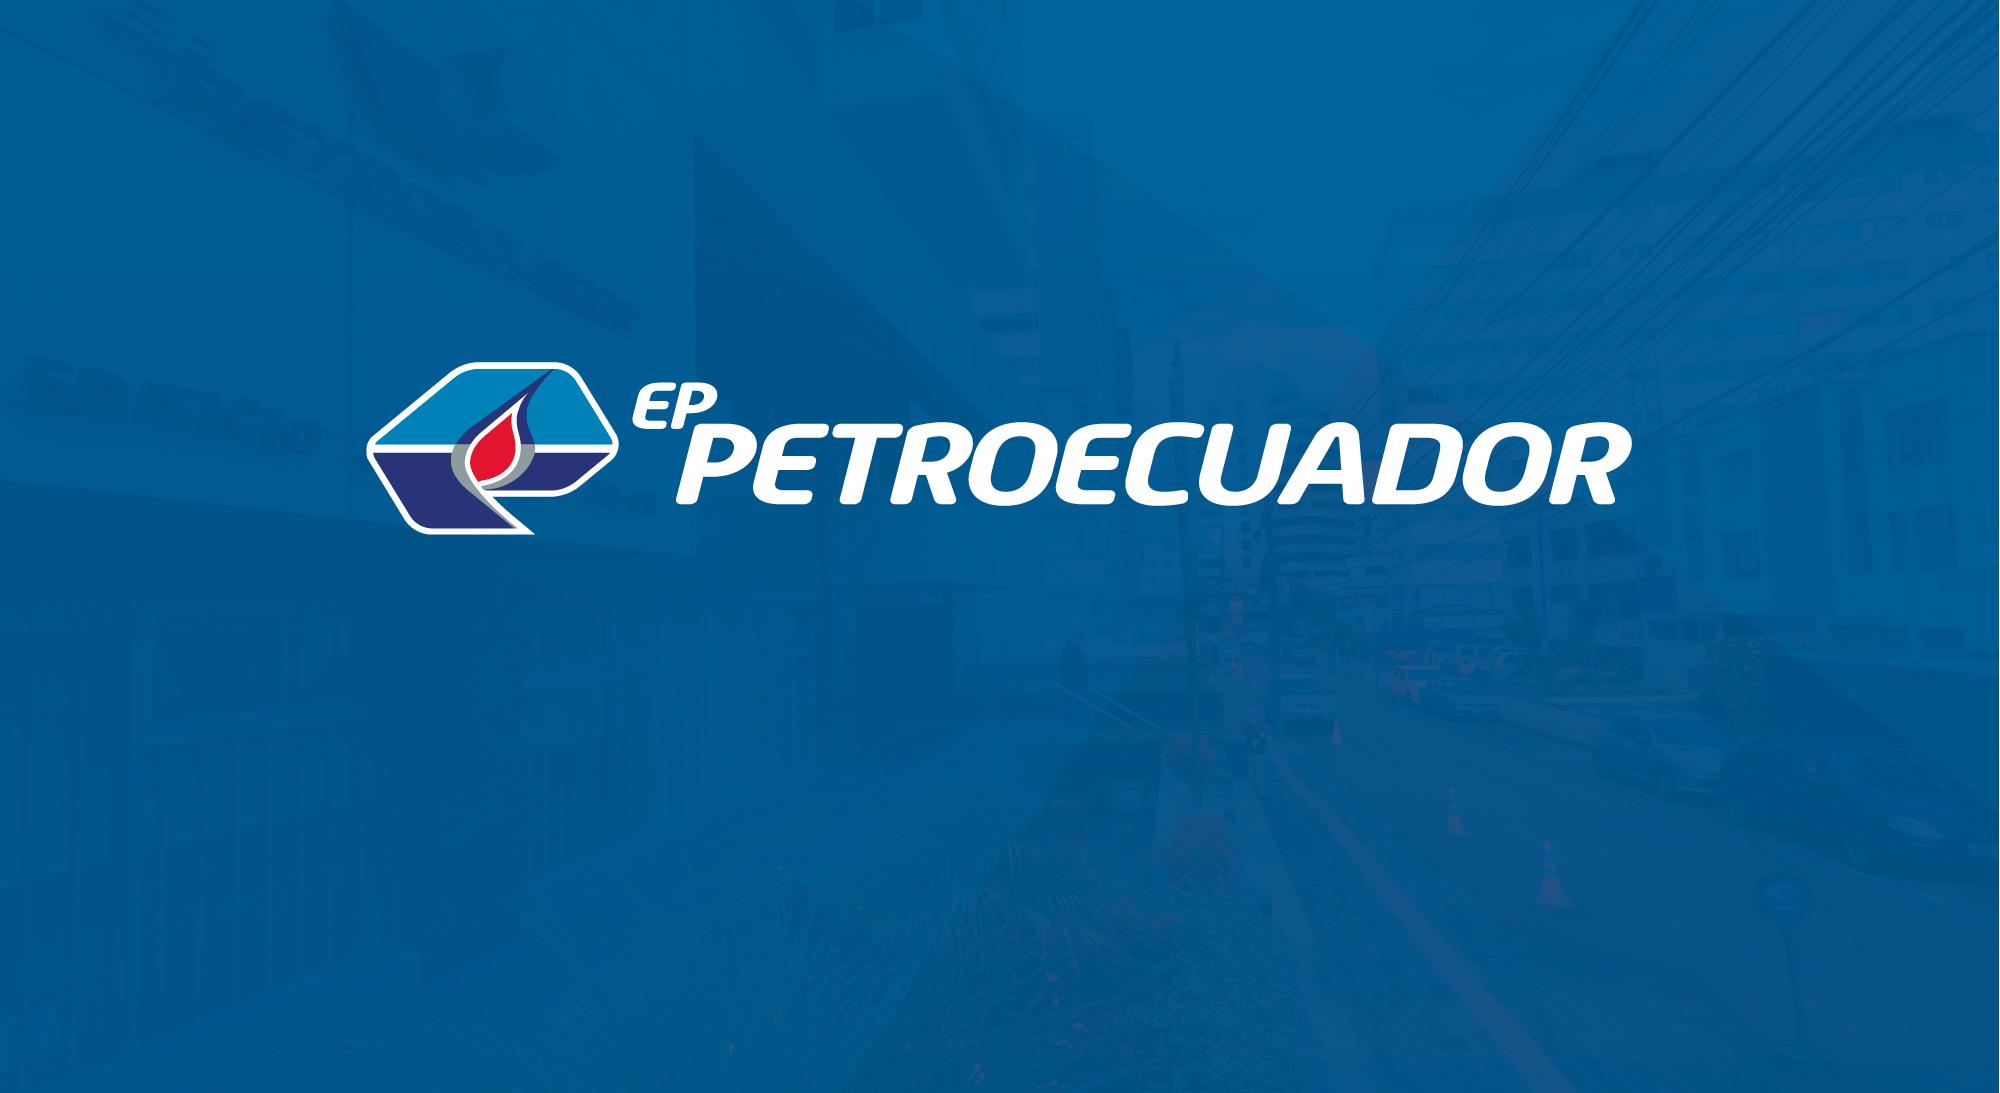 EP Petroecuador ofrece su apoyo logístico y documental para que la Fiscalía investigue denuncias de corrupción